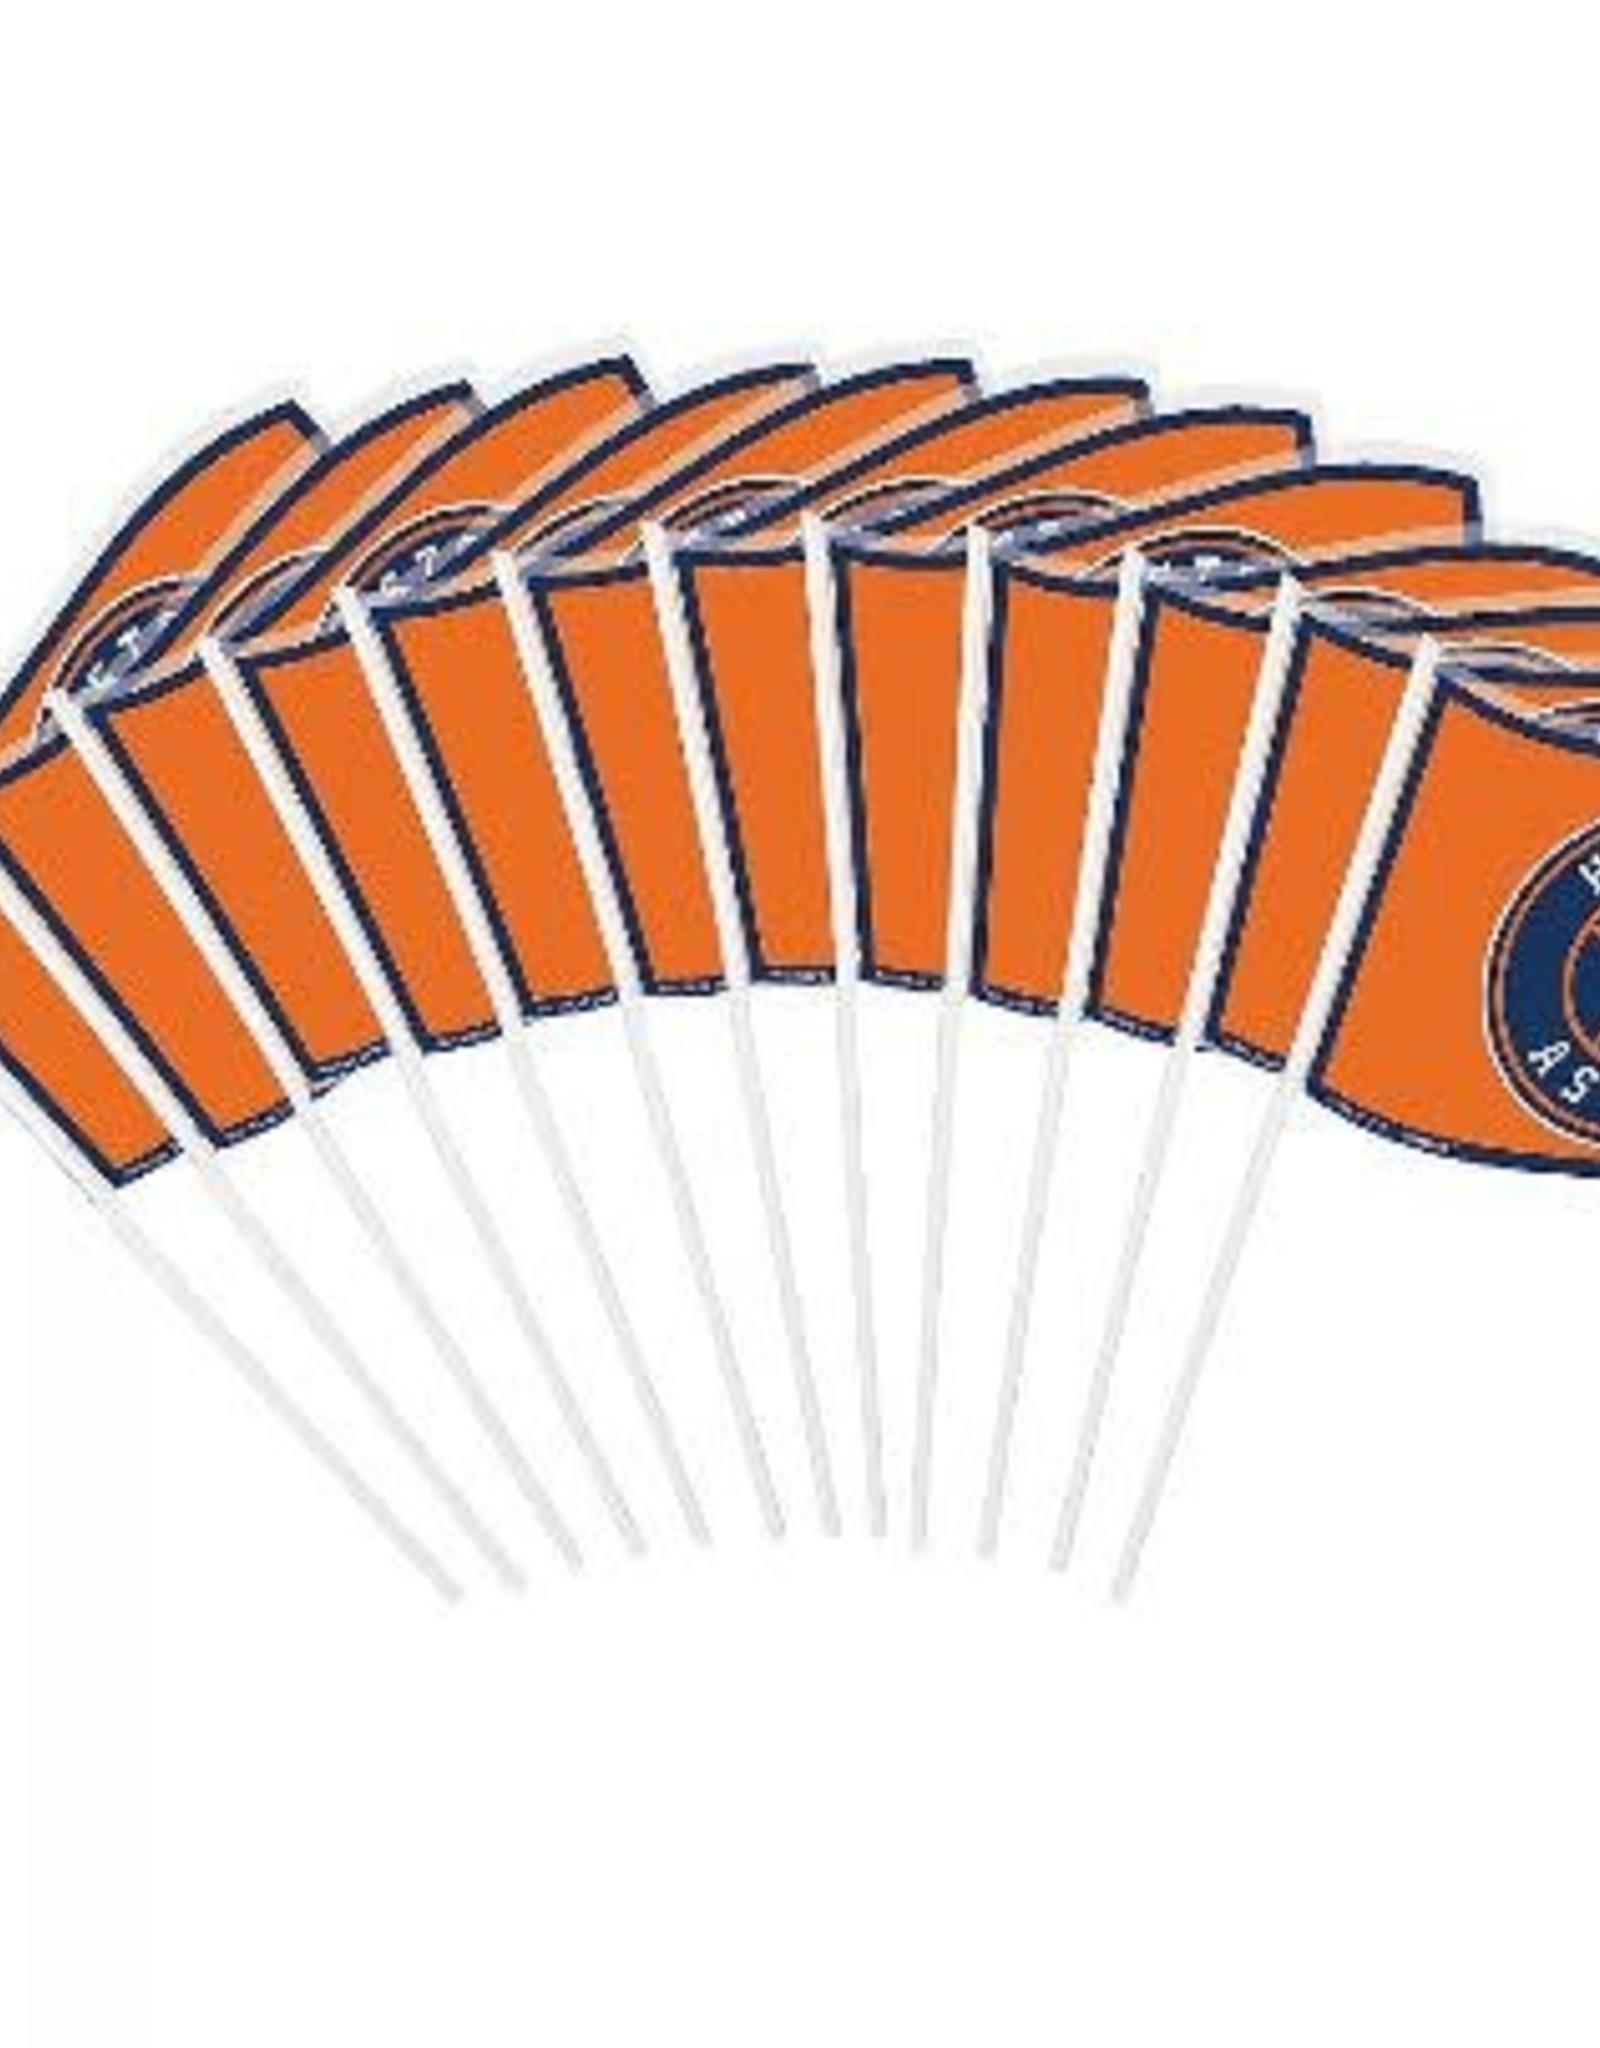 Houston Astros Mini Flags 12 ct